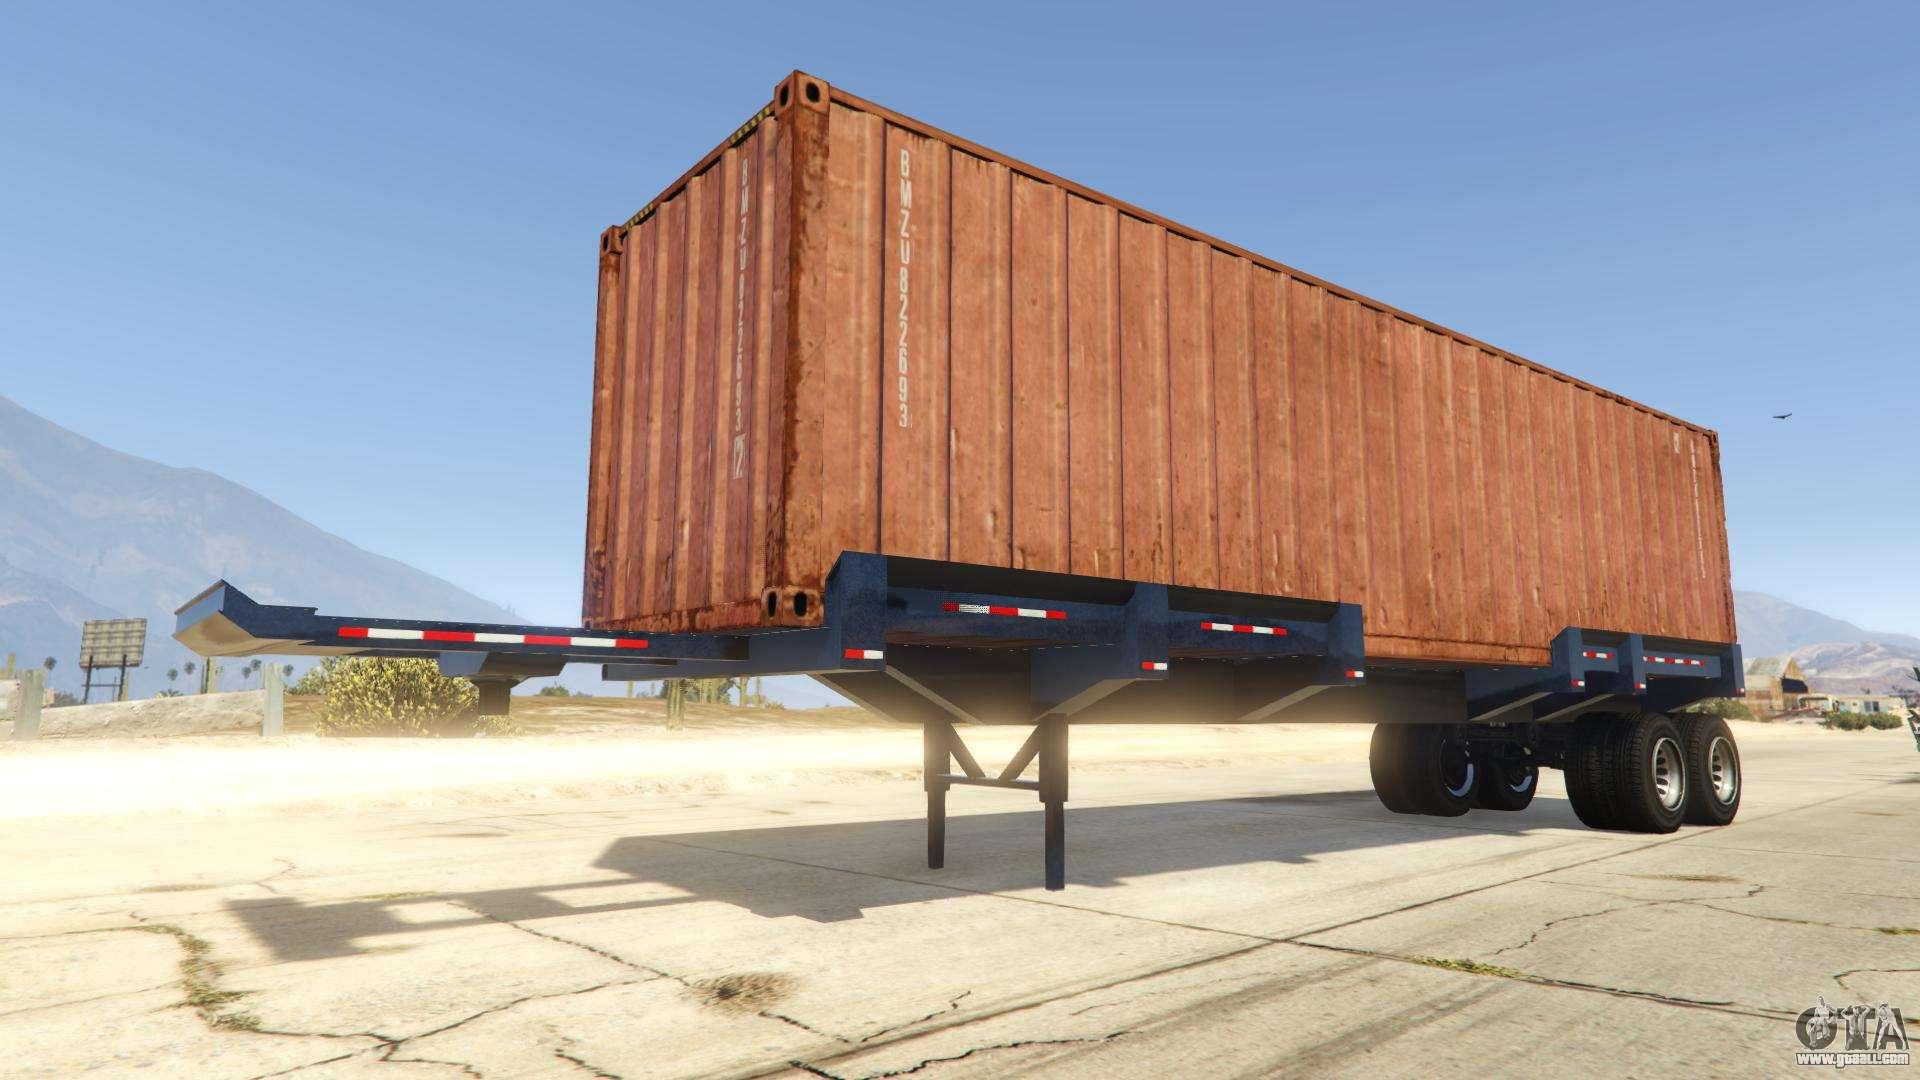 Dock Trailer from GTA Online